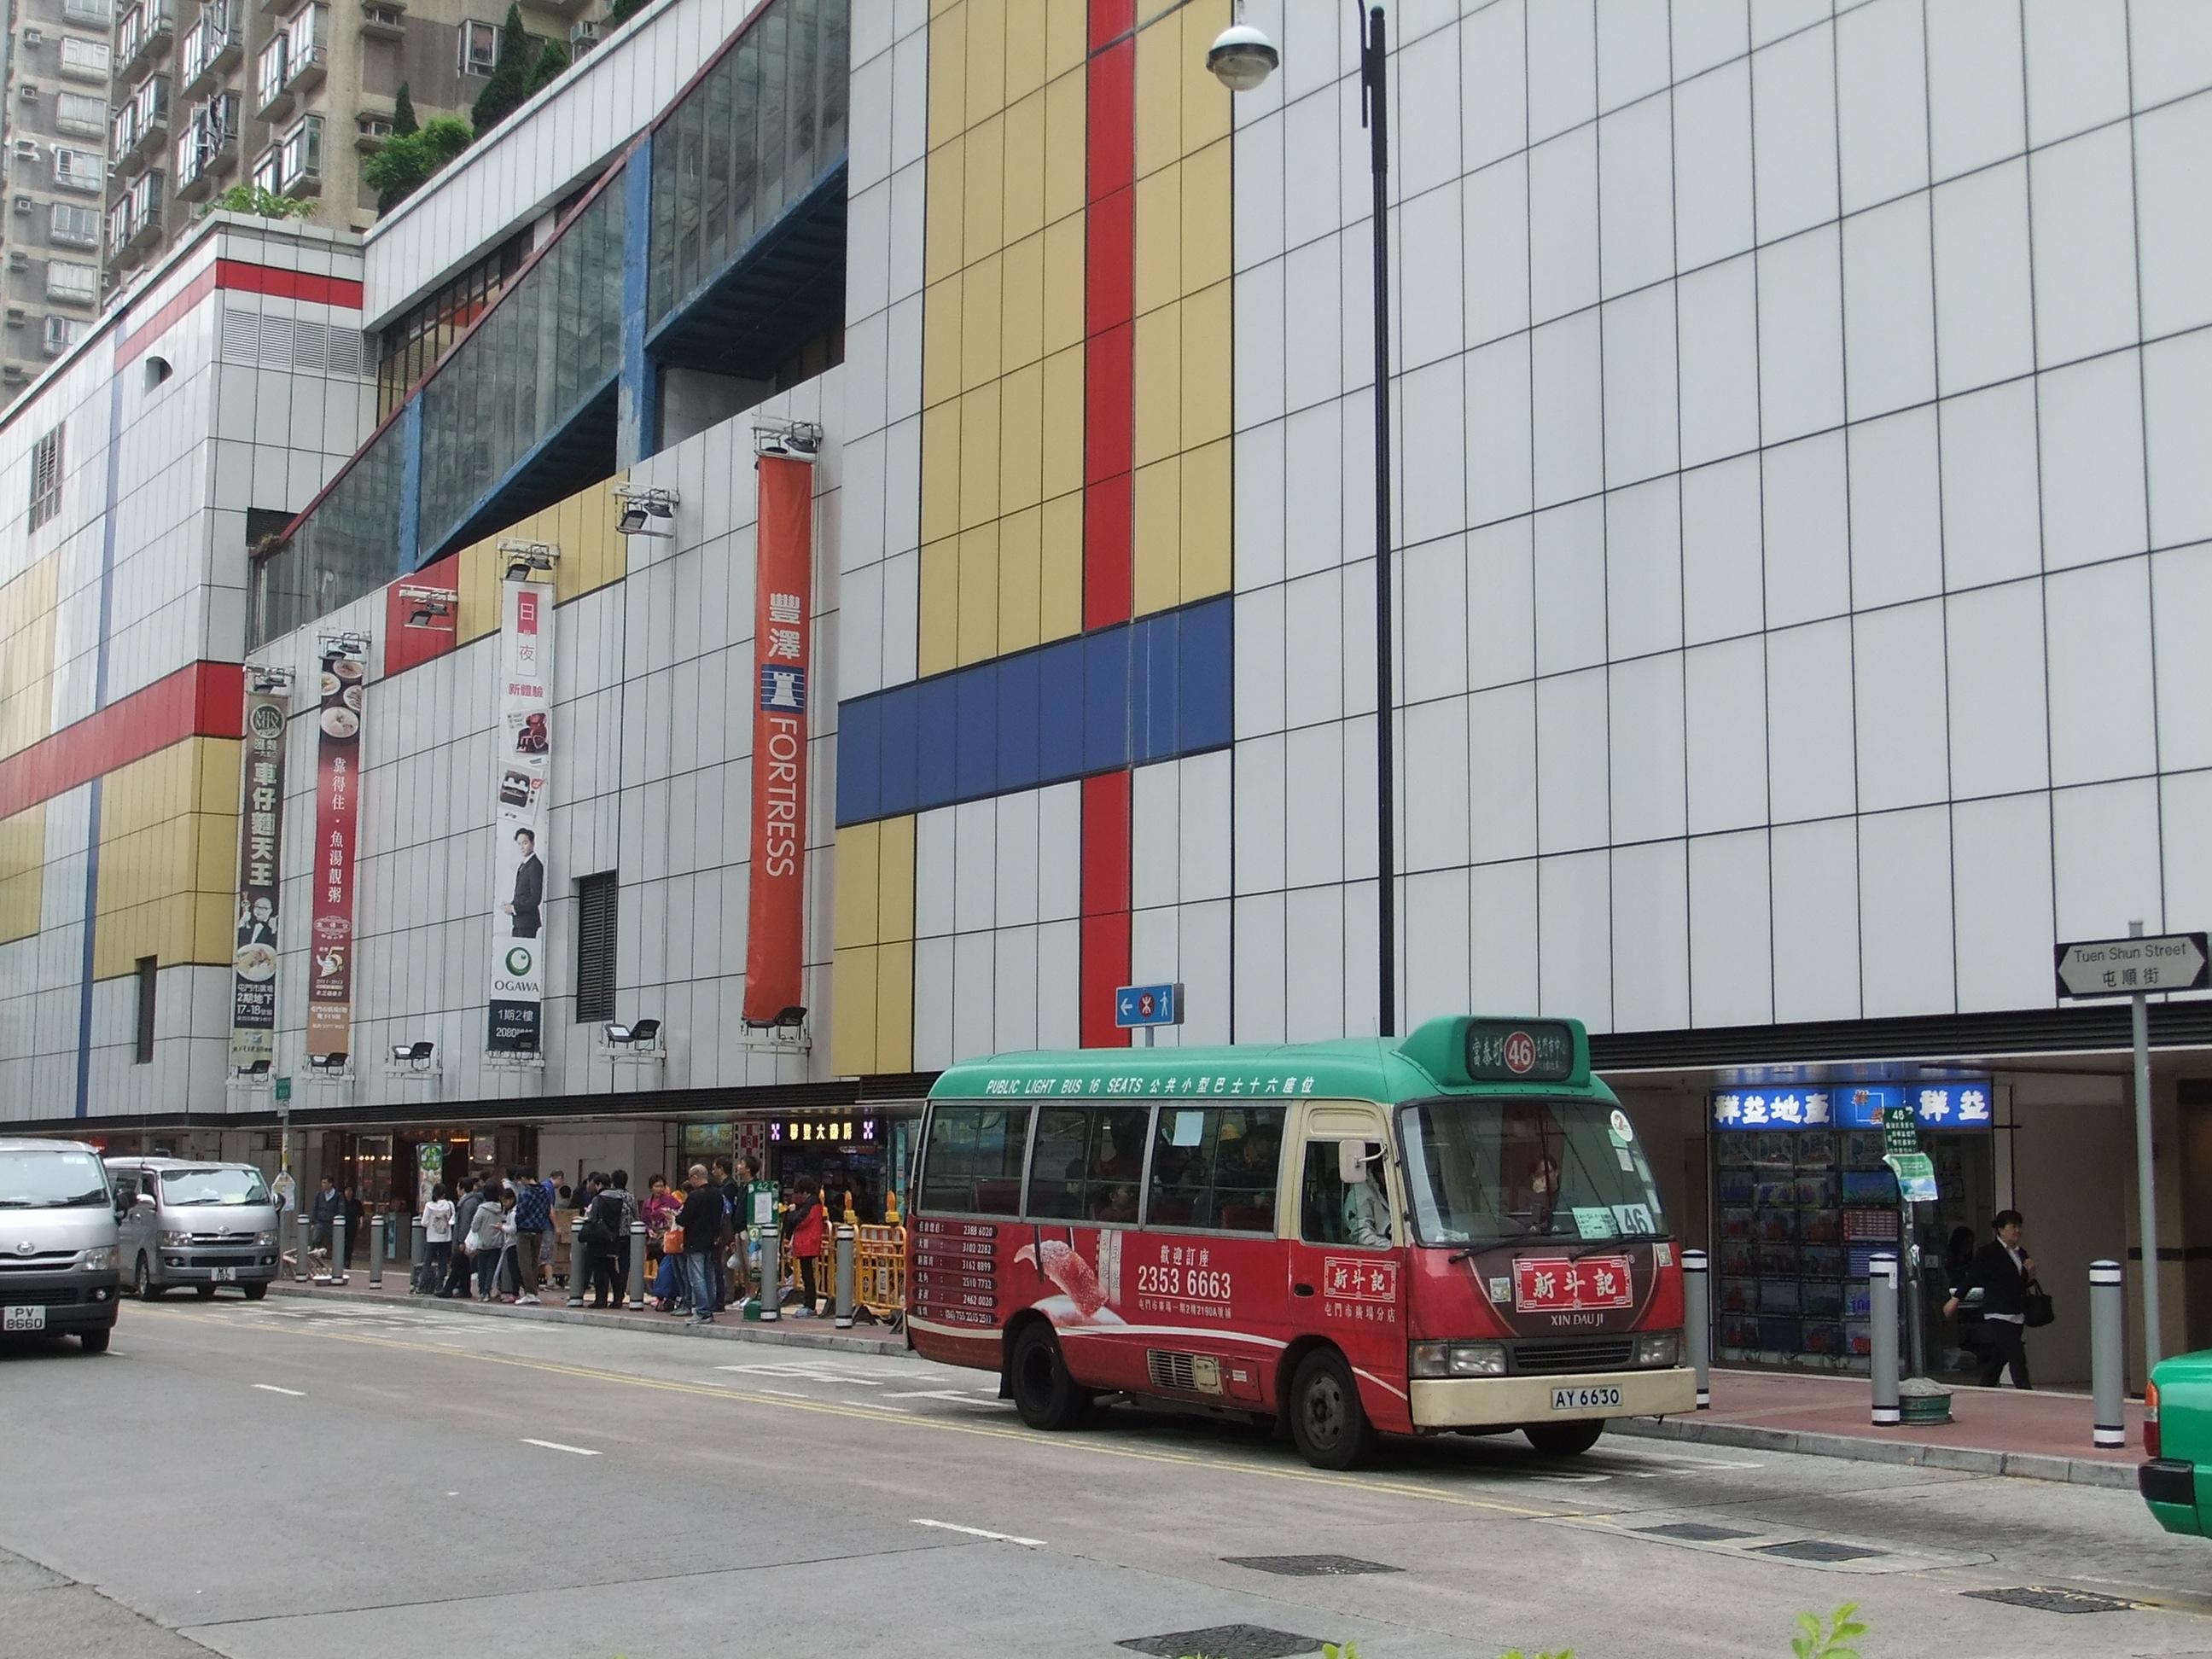 屯門市中心 (屯順街) 總站